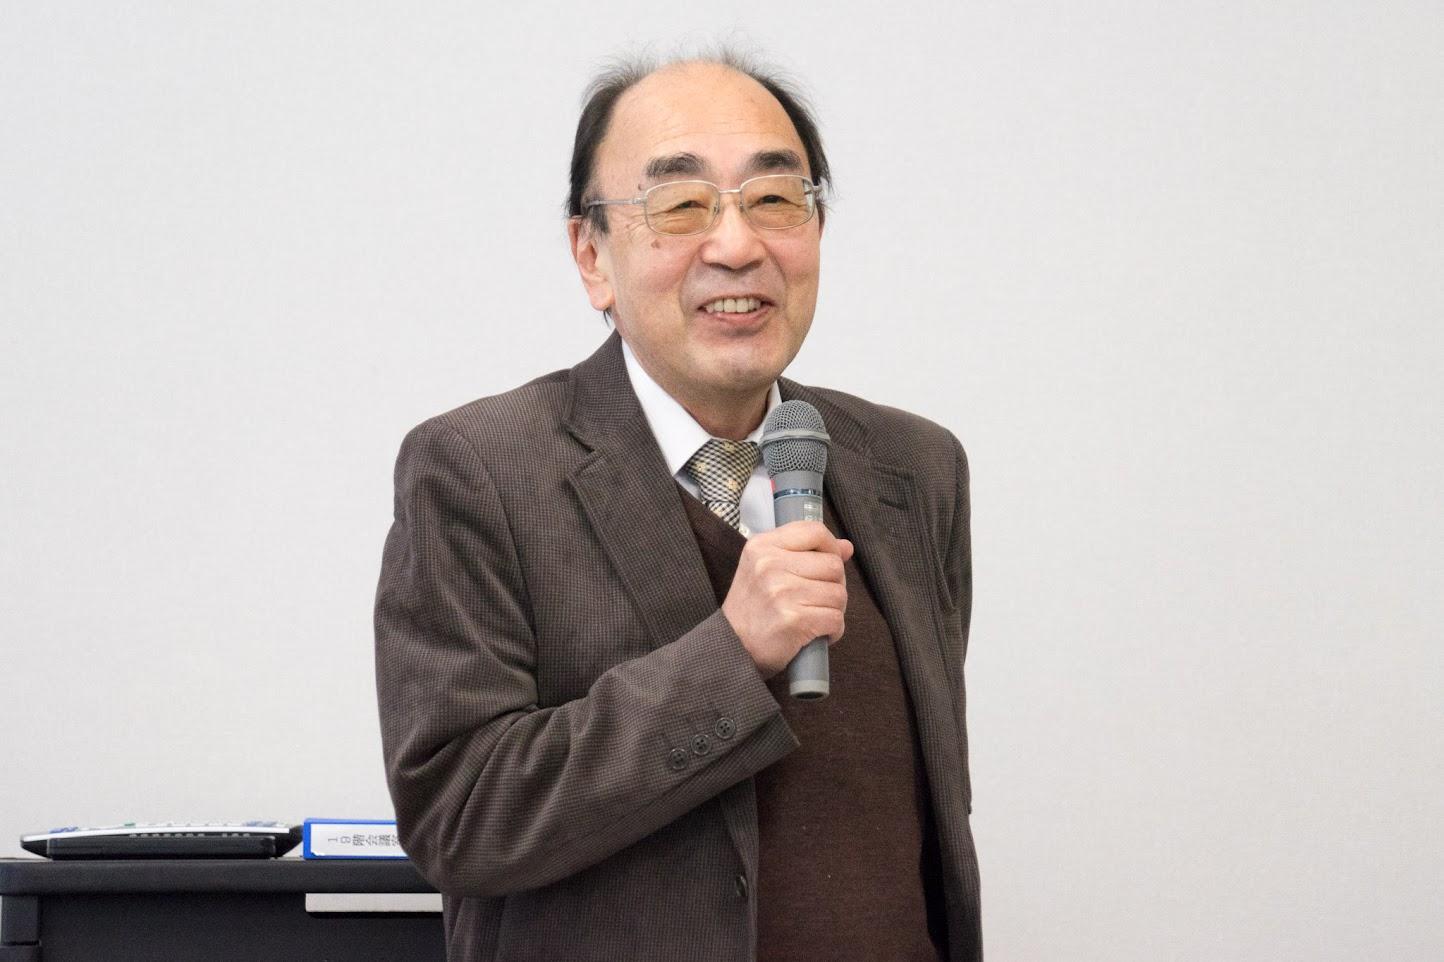 座長:一般社団法人 北海道地域農業研究所・飯澤理一郎 所長